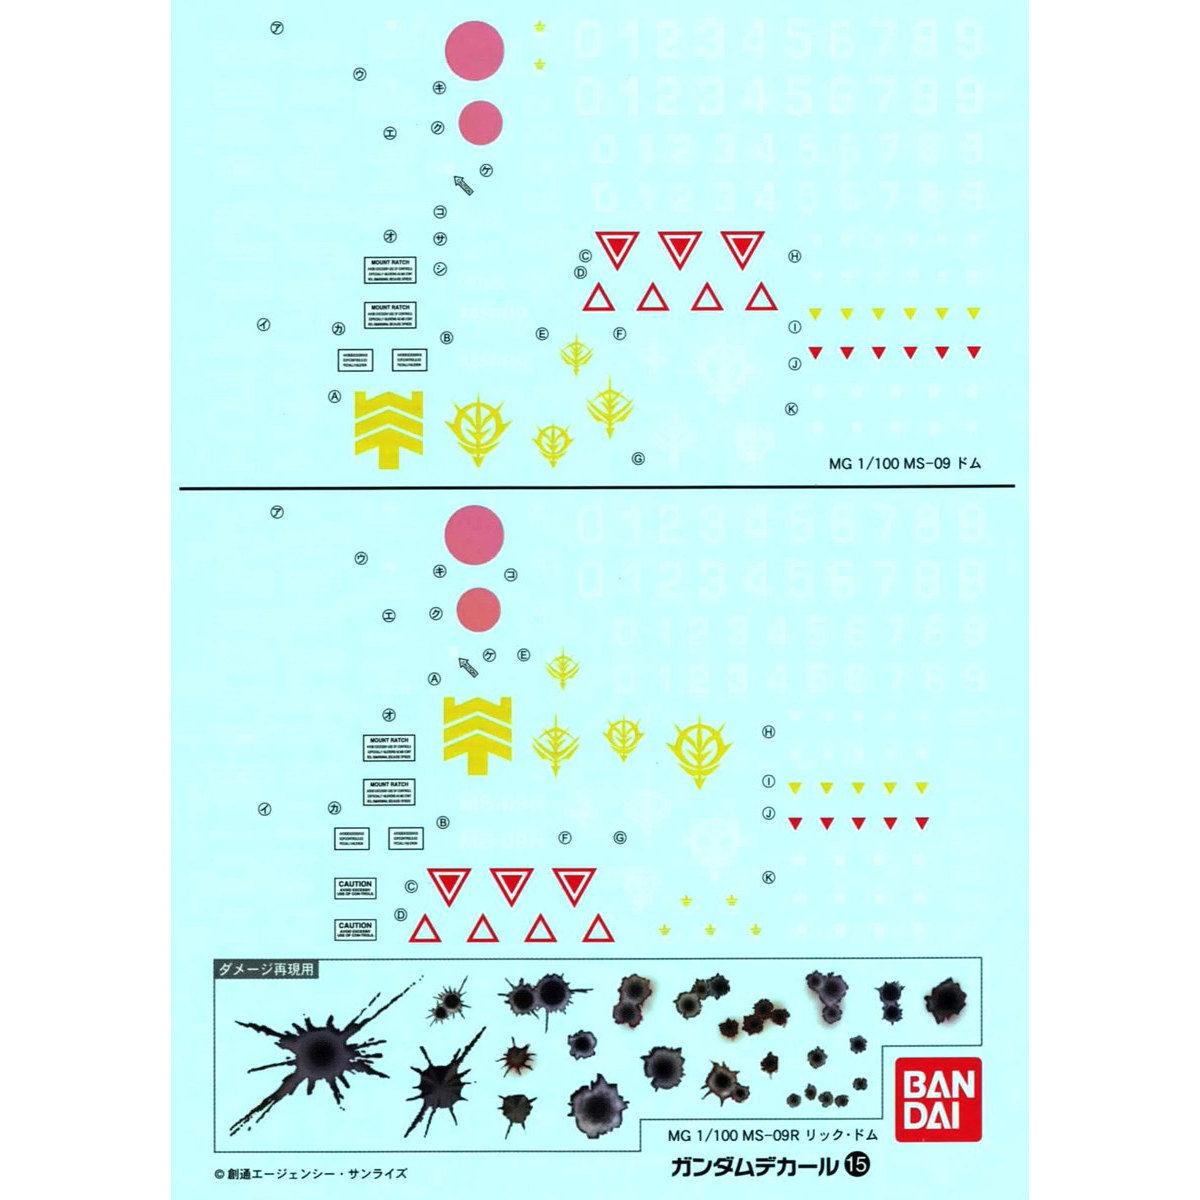 ガンダムデカール 1/100 MG MS-09「ドム」用,MS-09R「リック・ドム」用